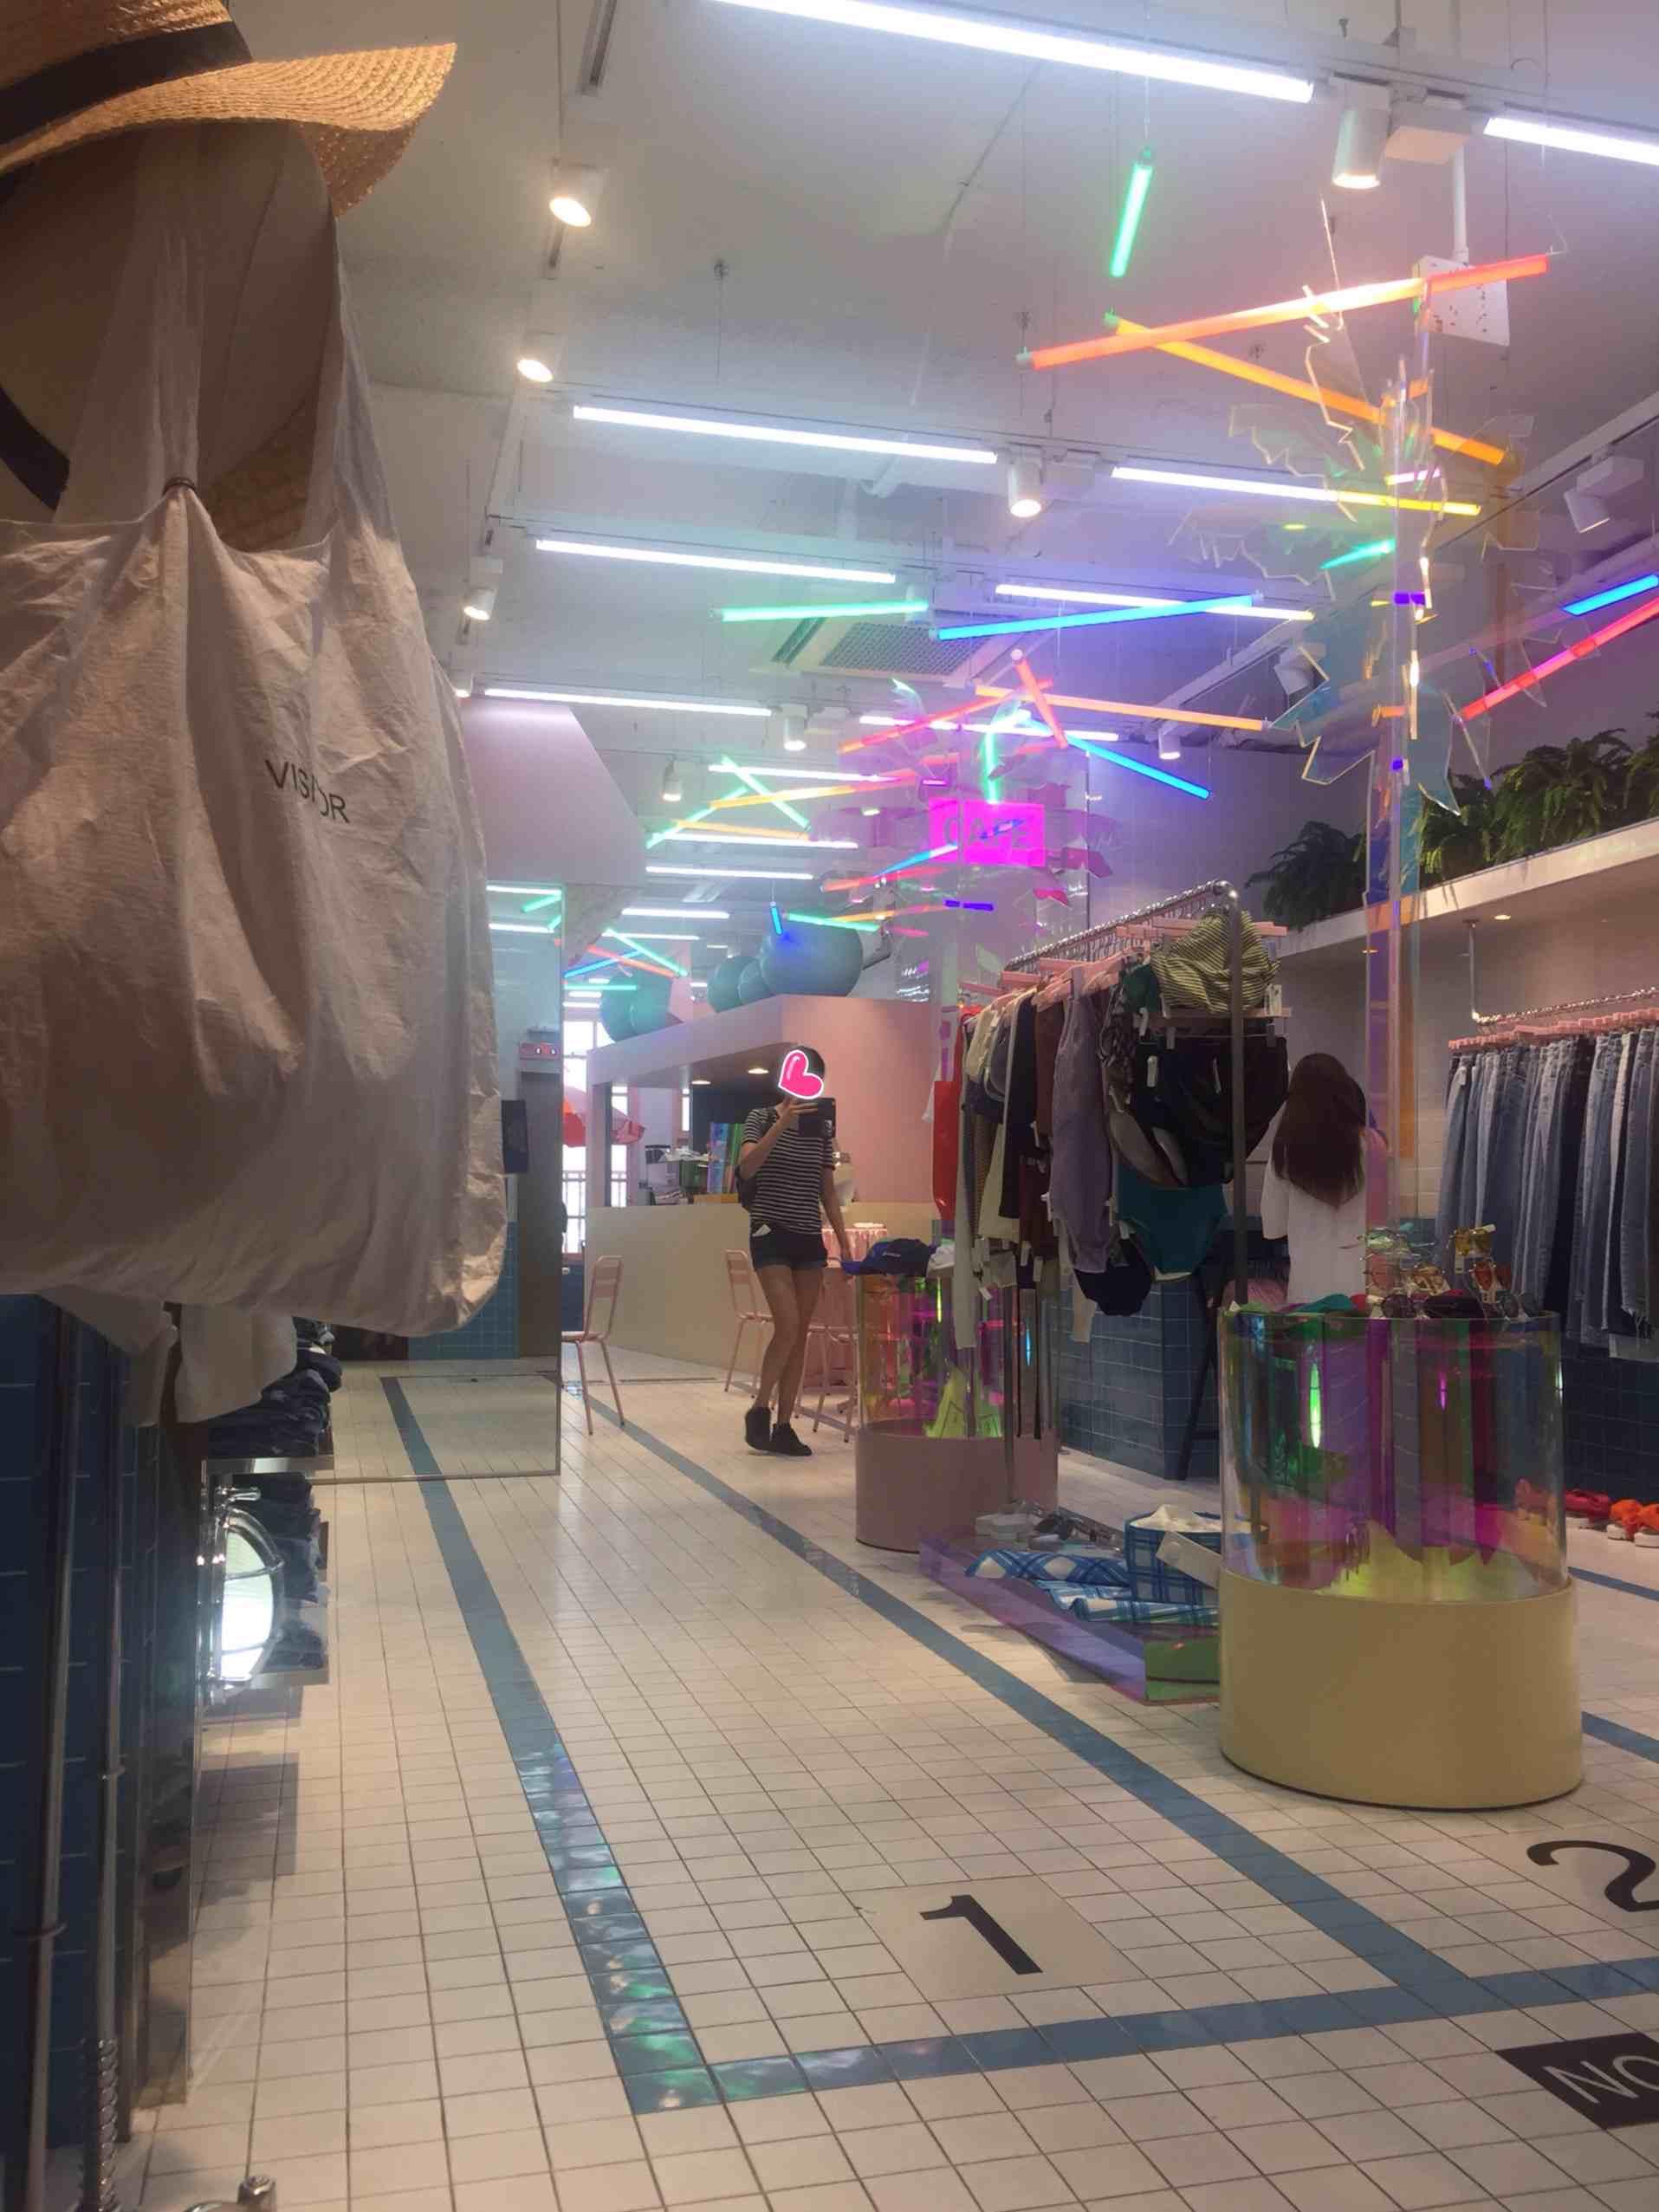 五樓POOL,是服裝和咖啡廳一起的。STYLENANDA一開始是在網路上賣衣服熱門起來,風格比較獨特,所以來這裡遇到喜歡的衣服就帶一件回家吧